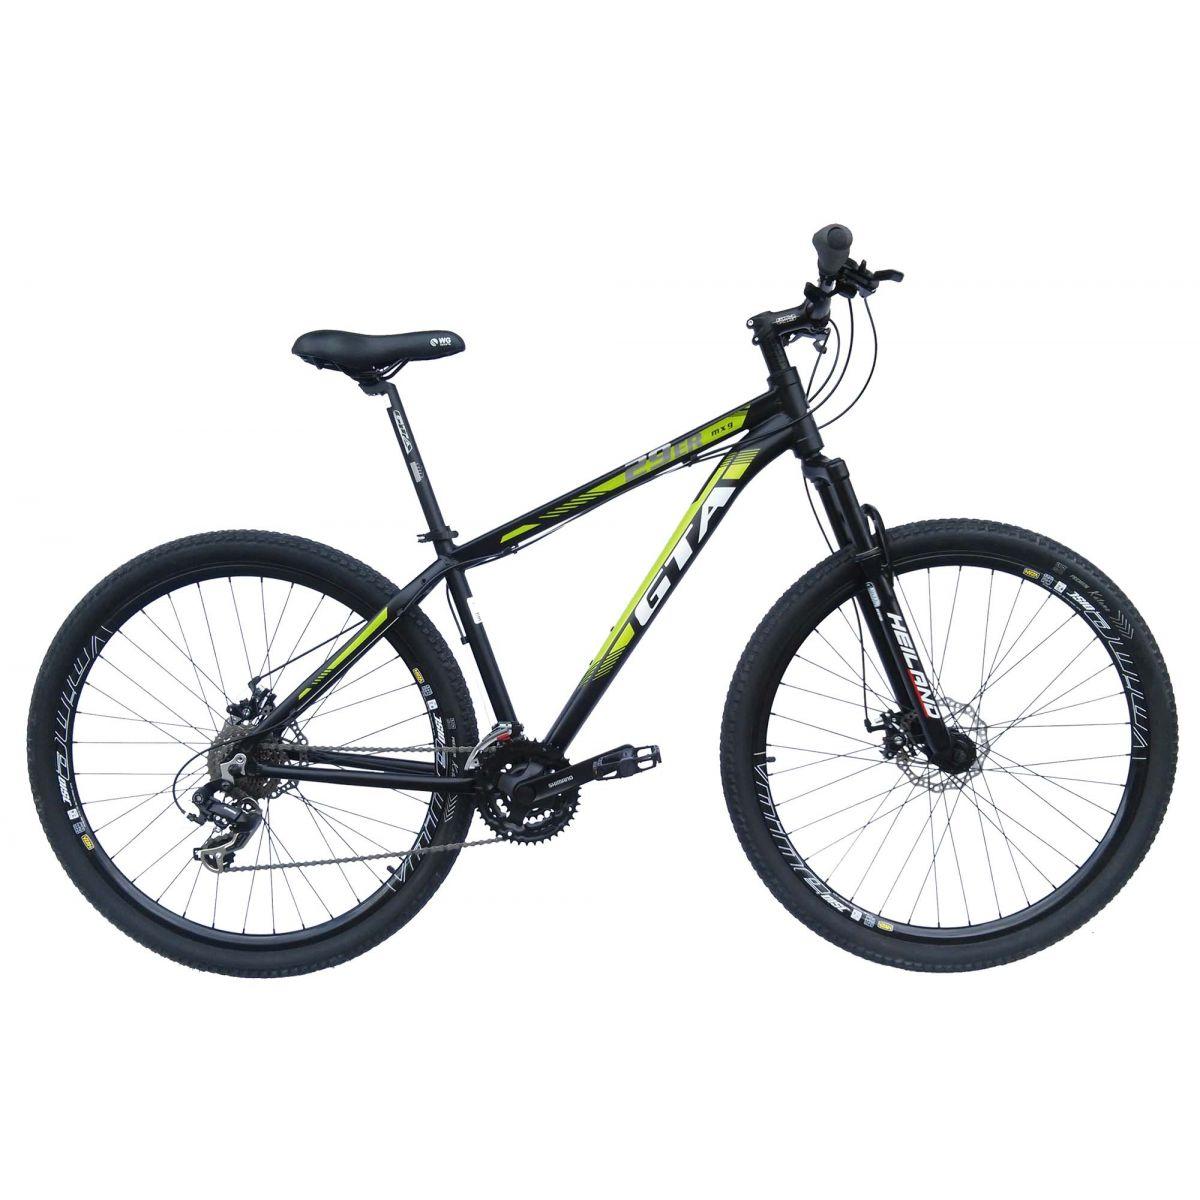 Bike 29er Gta NX9 24v Shimano Freio a Disco